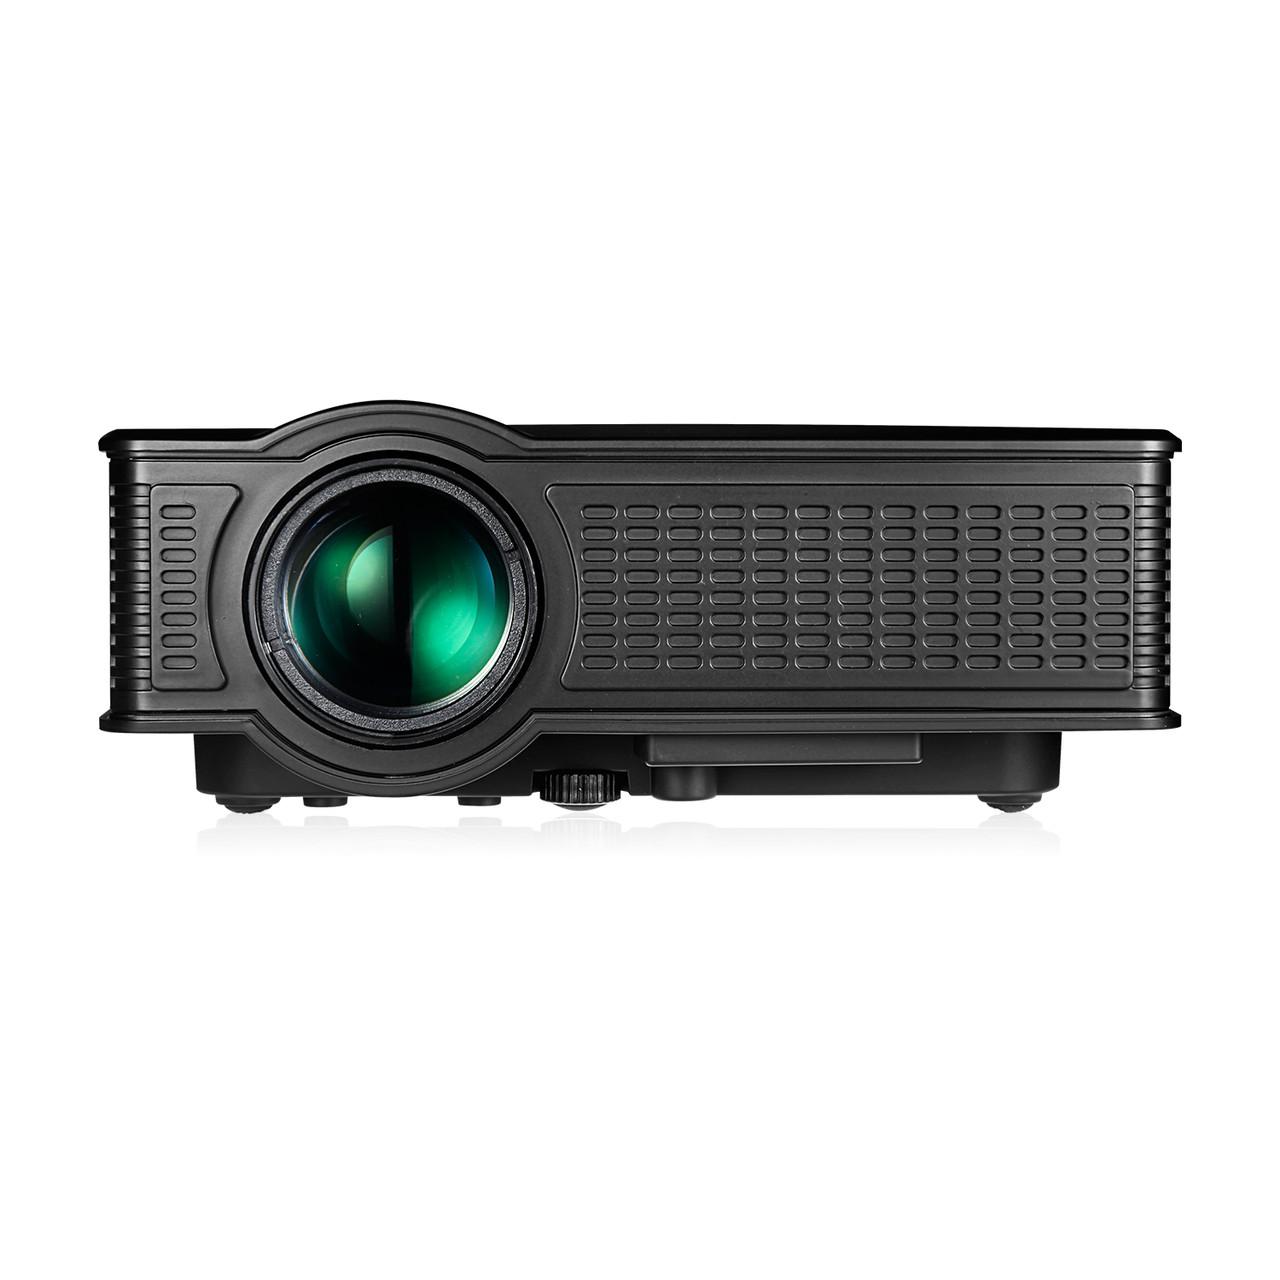 Стаціонарний LED-проектор PROJY homie HDMI 2xUSB AV VGA Чорний (PHM04042996)